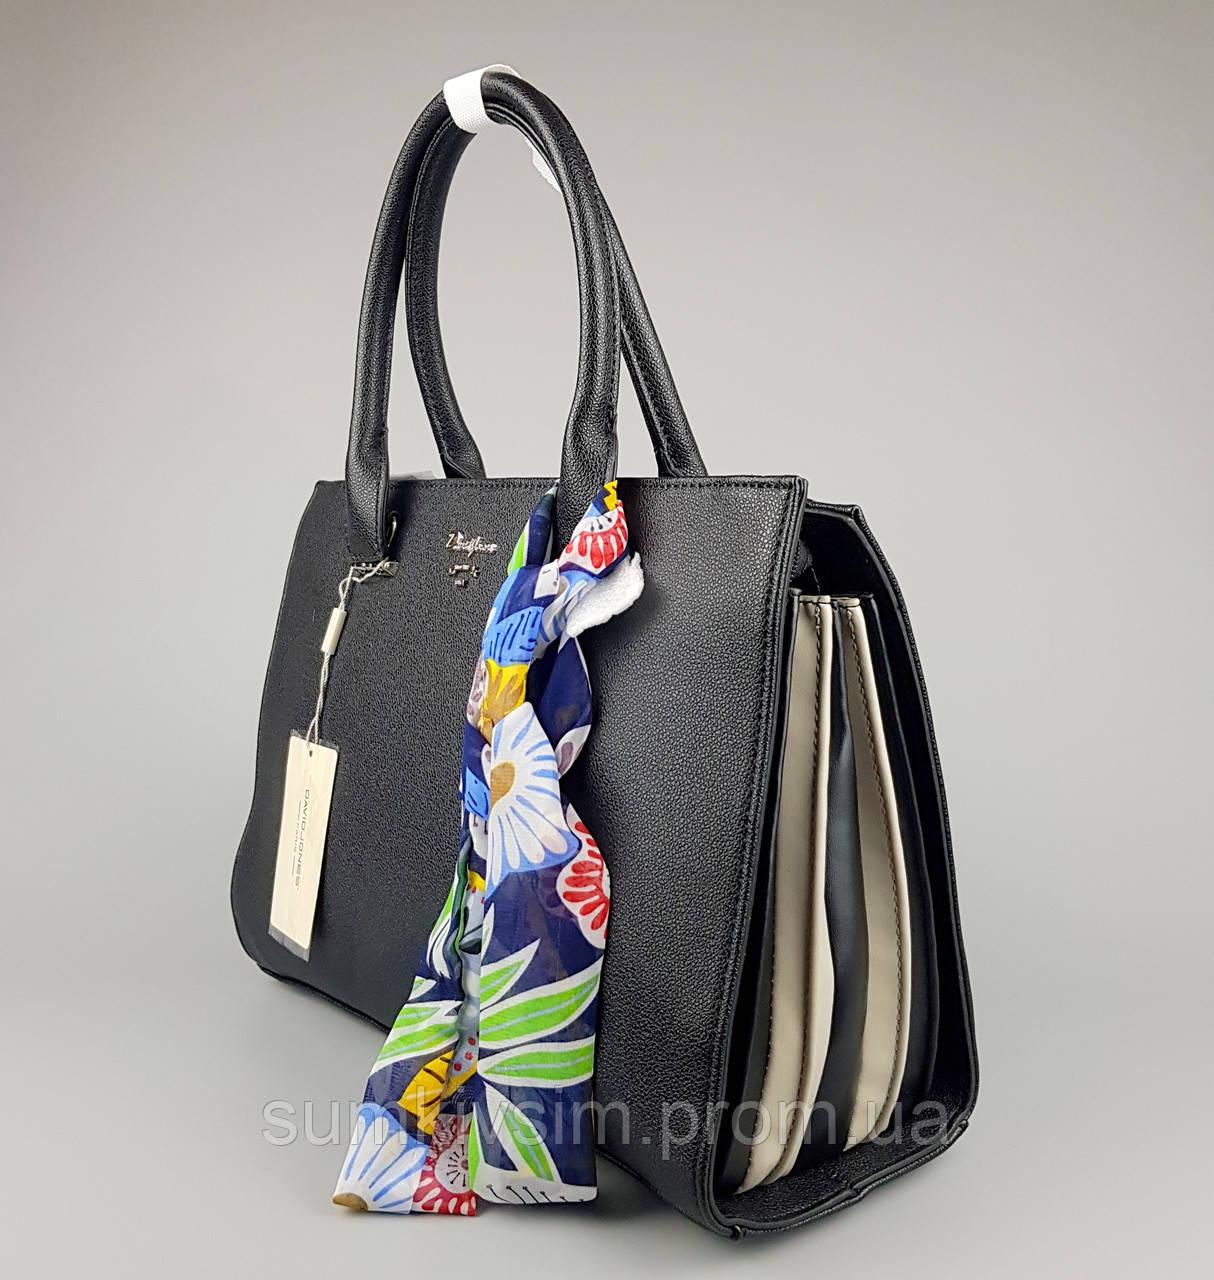 Женская сумка клатч David Jones черная-бежевая